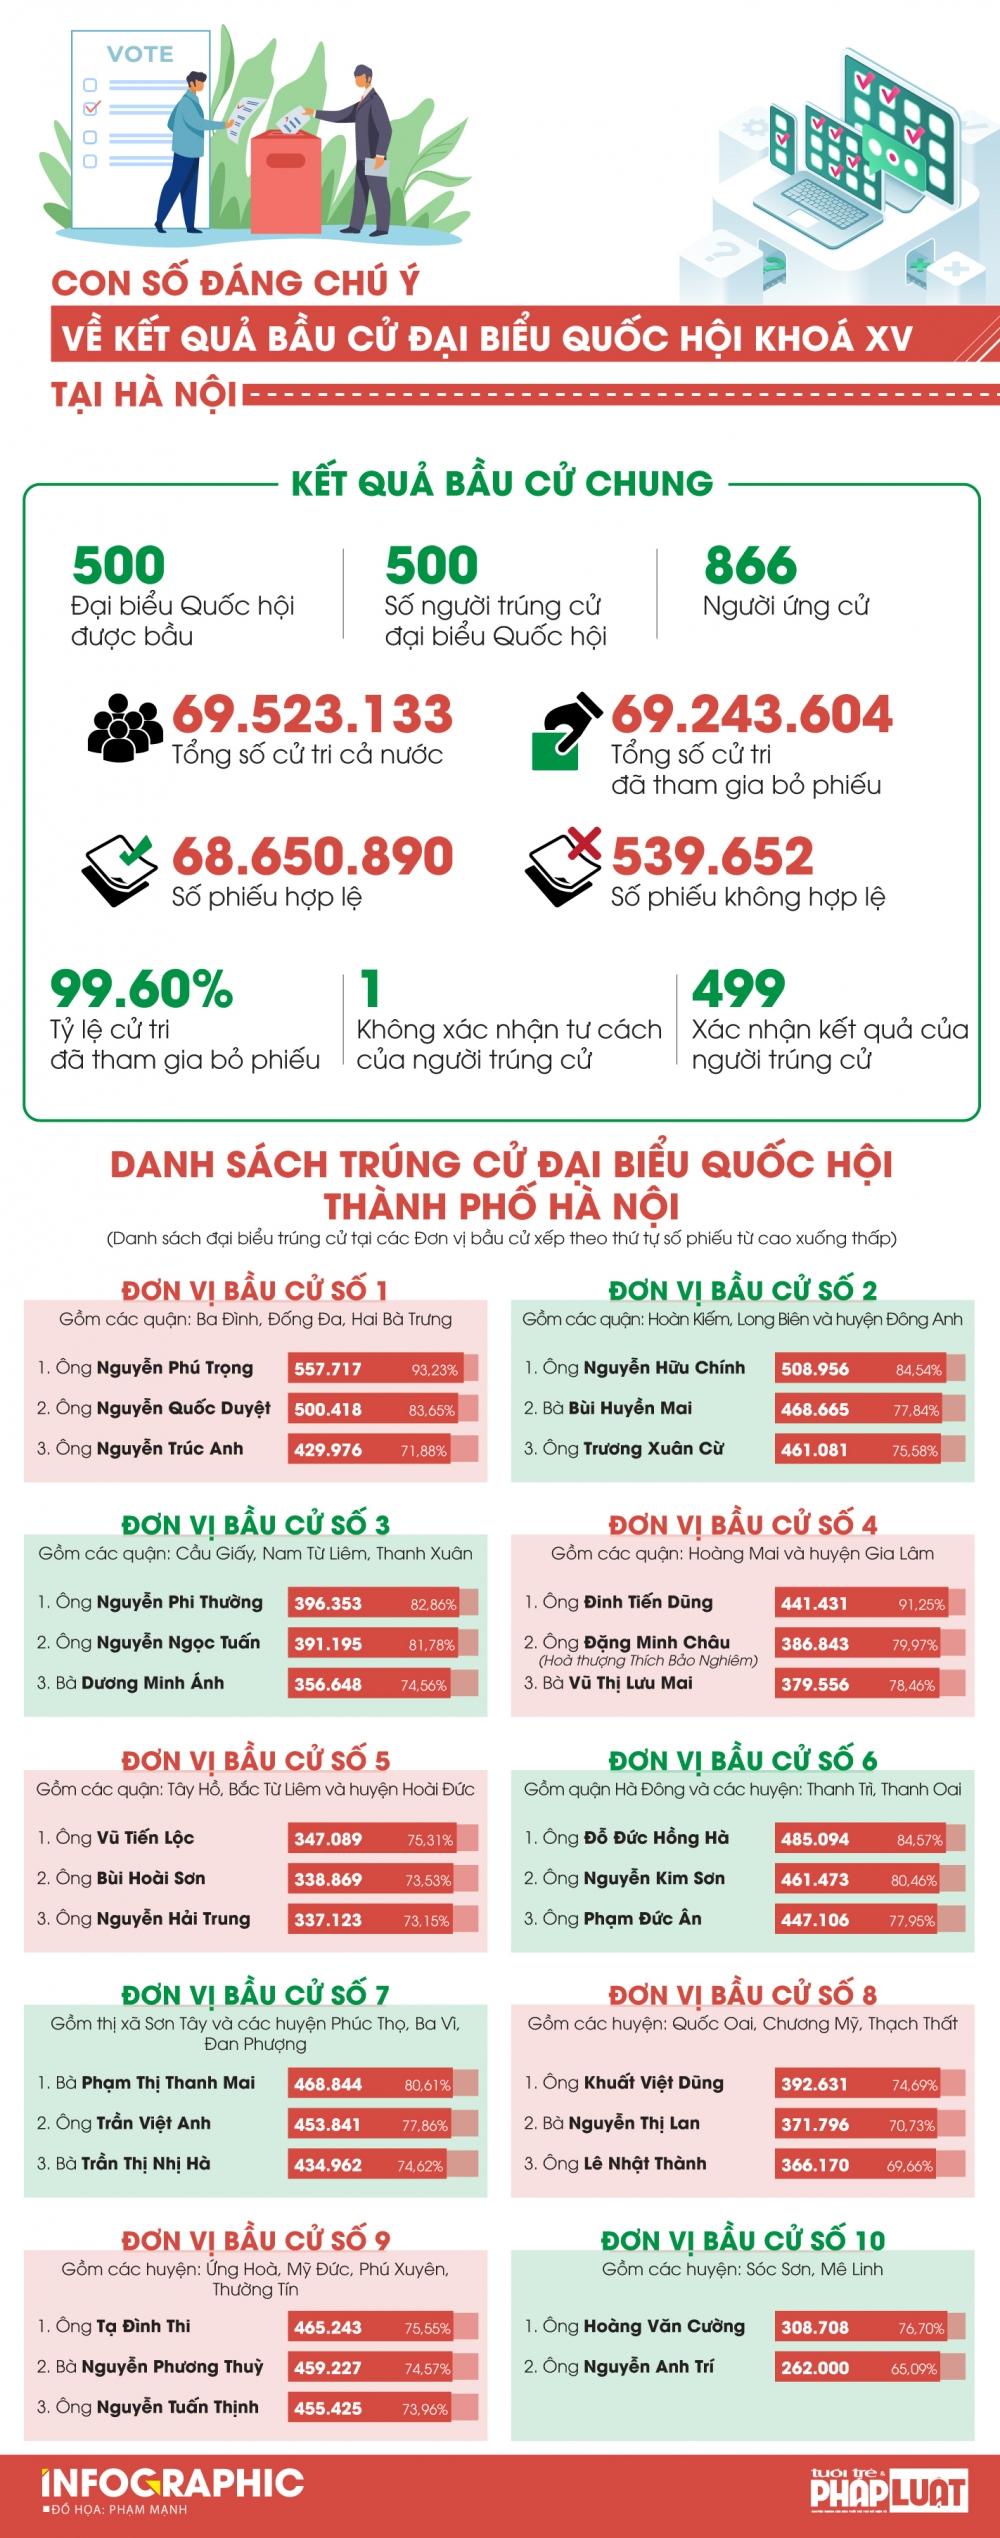 Chi tiết số phiếu bầu 29 đại biểu Quốc hội khóa XV thành phố Hà Nội